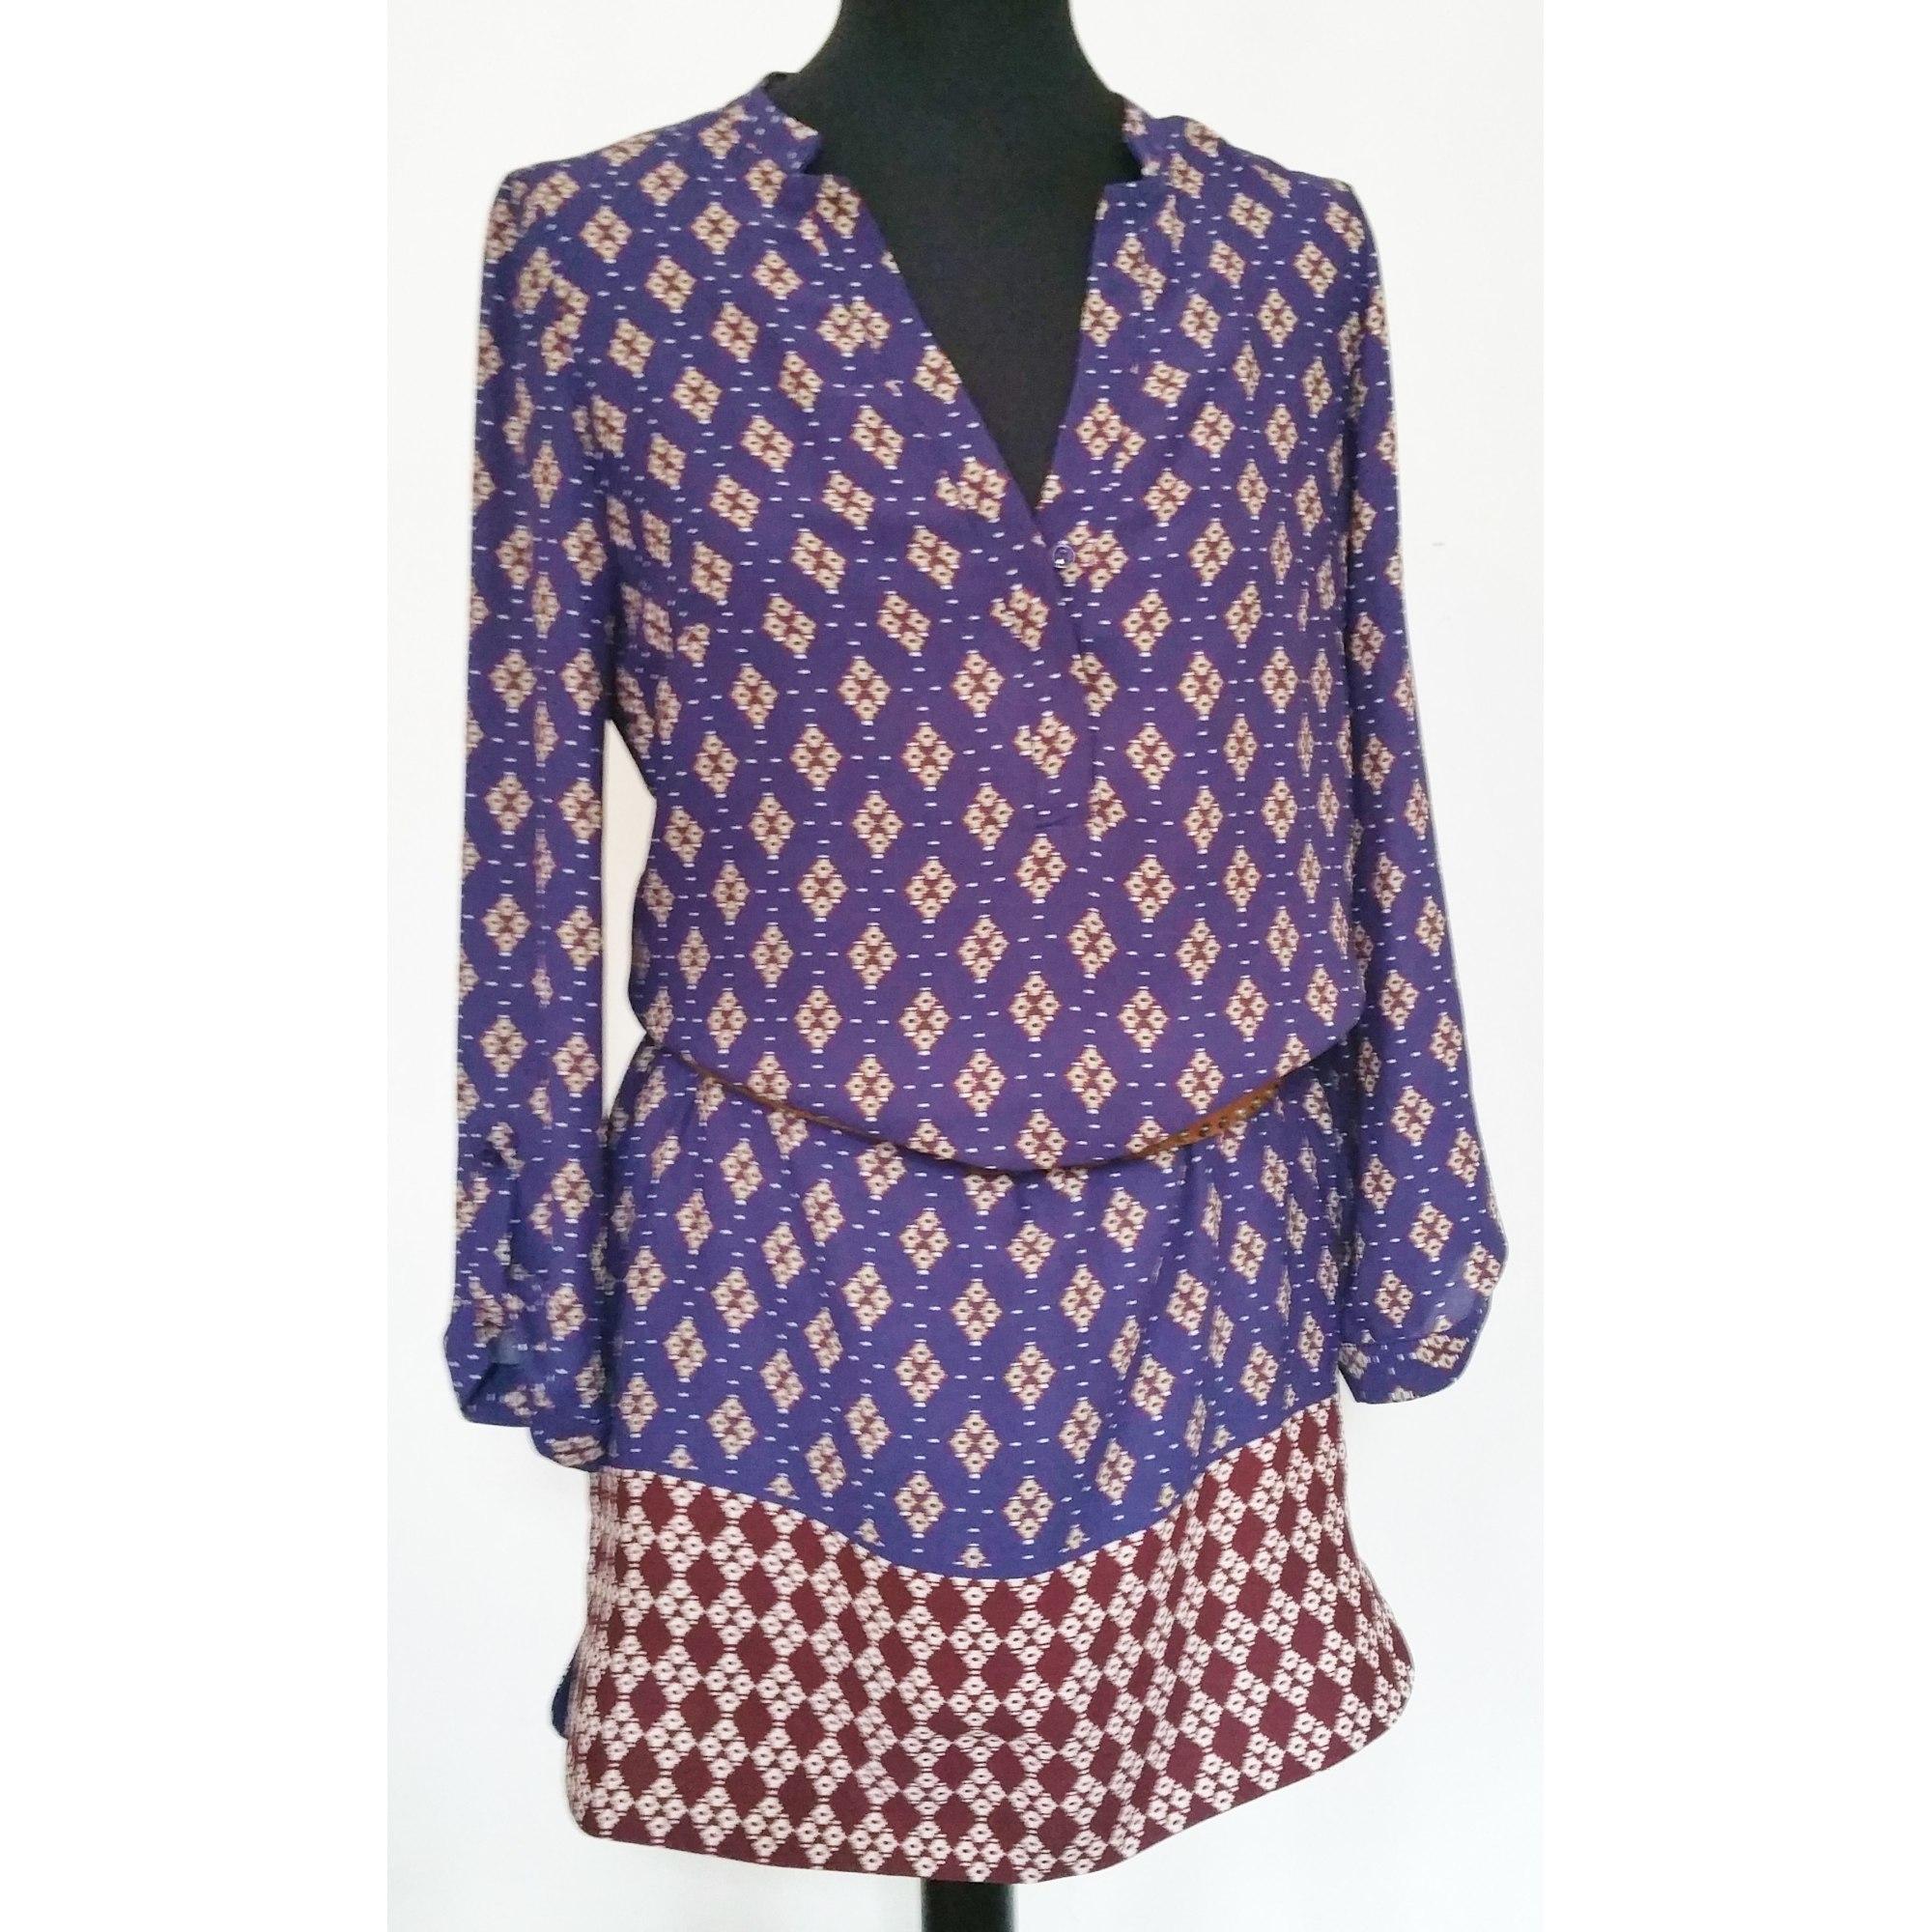 Robe tunique CAROLL 36 (S, T1) bleu vendu par Spheres - 4090127 4a53942eb973